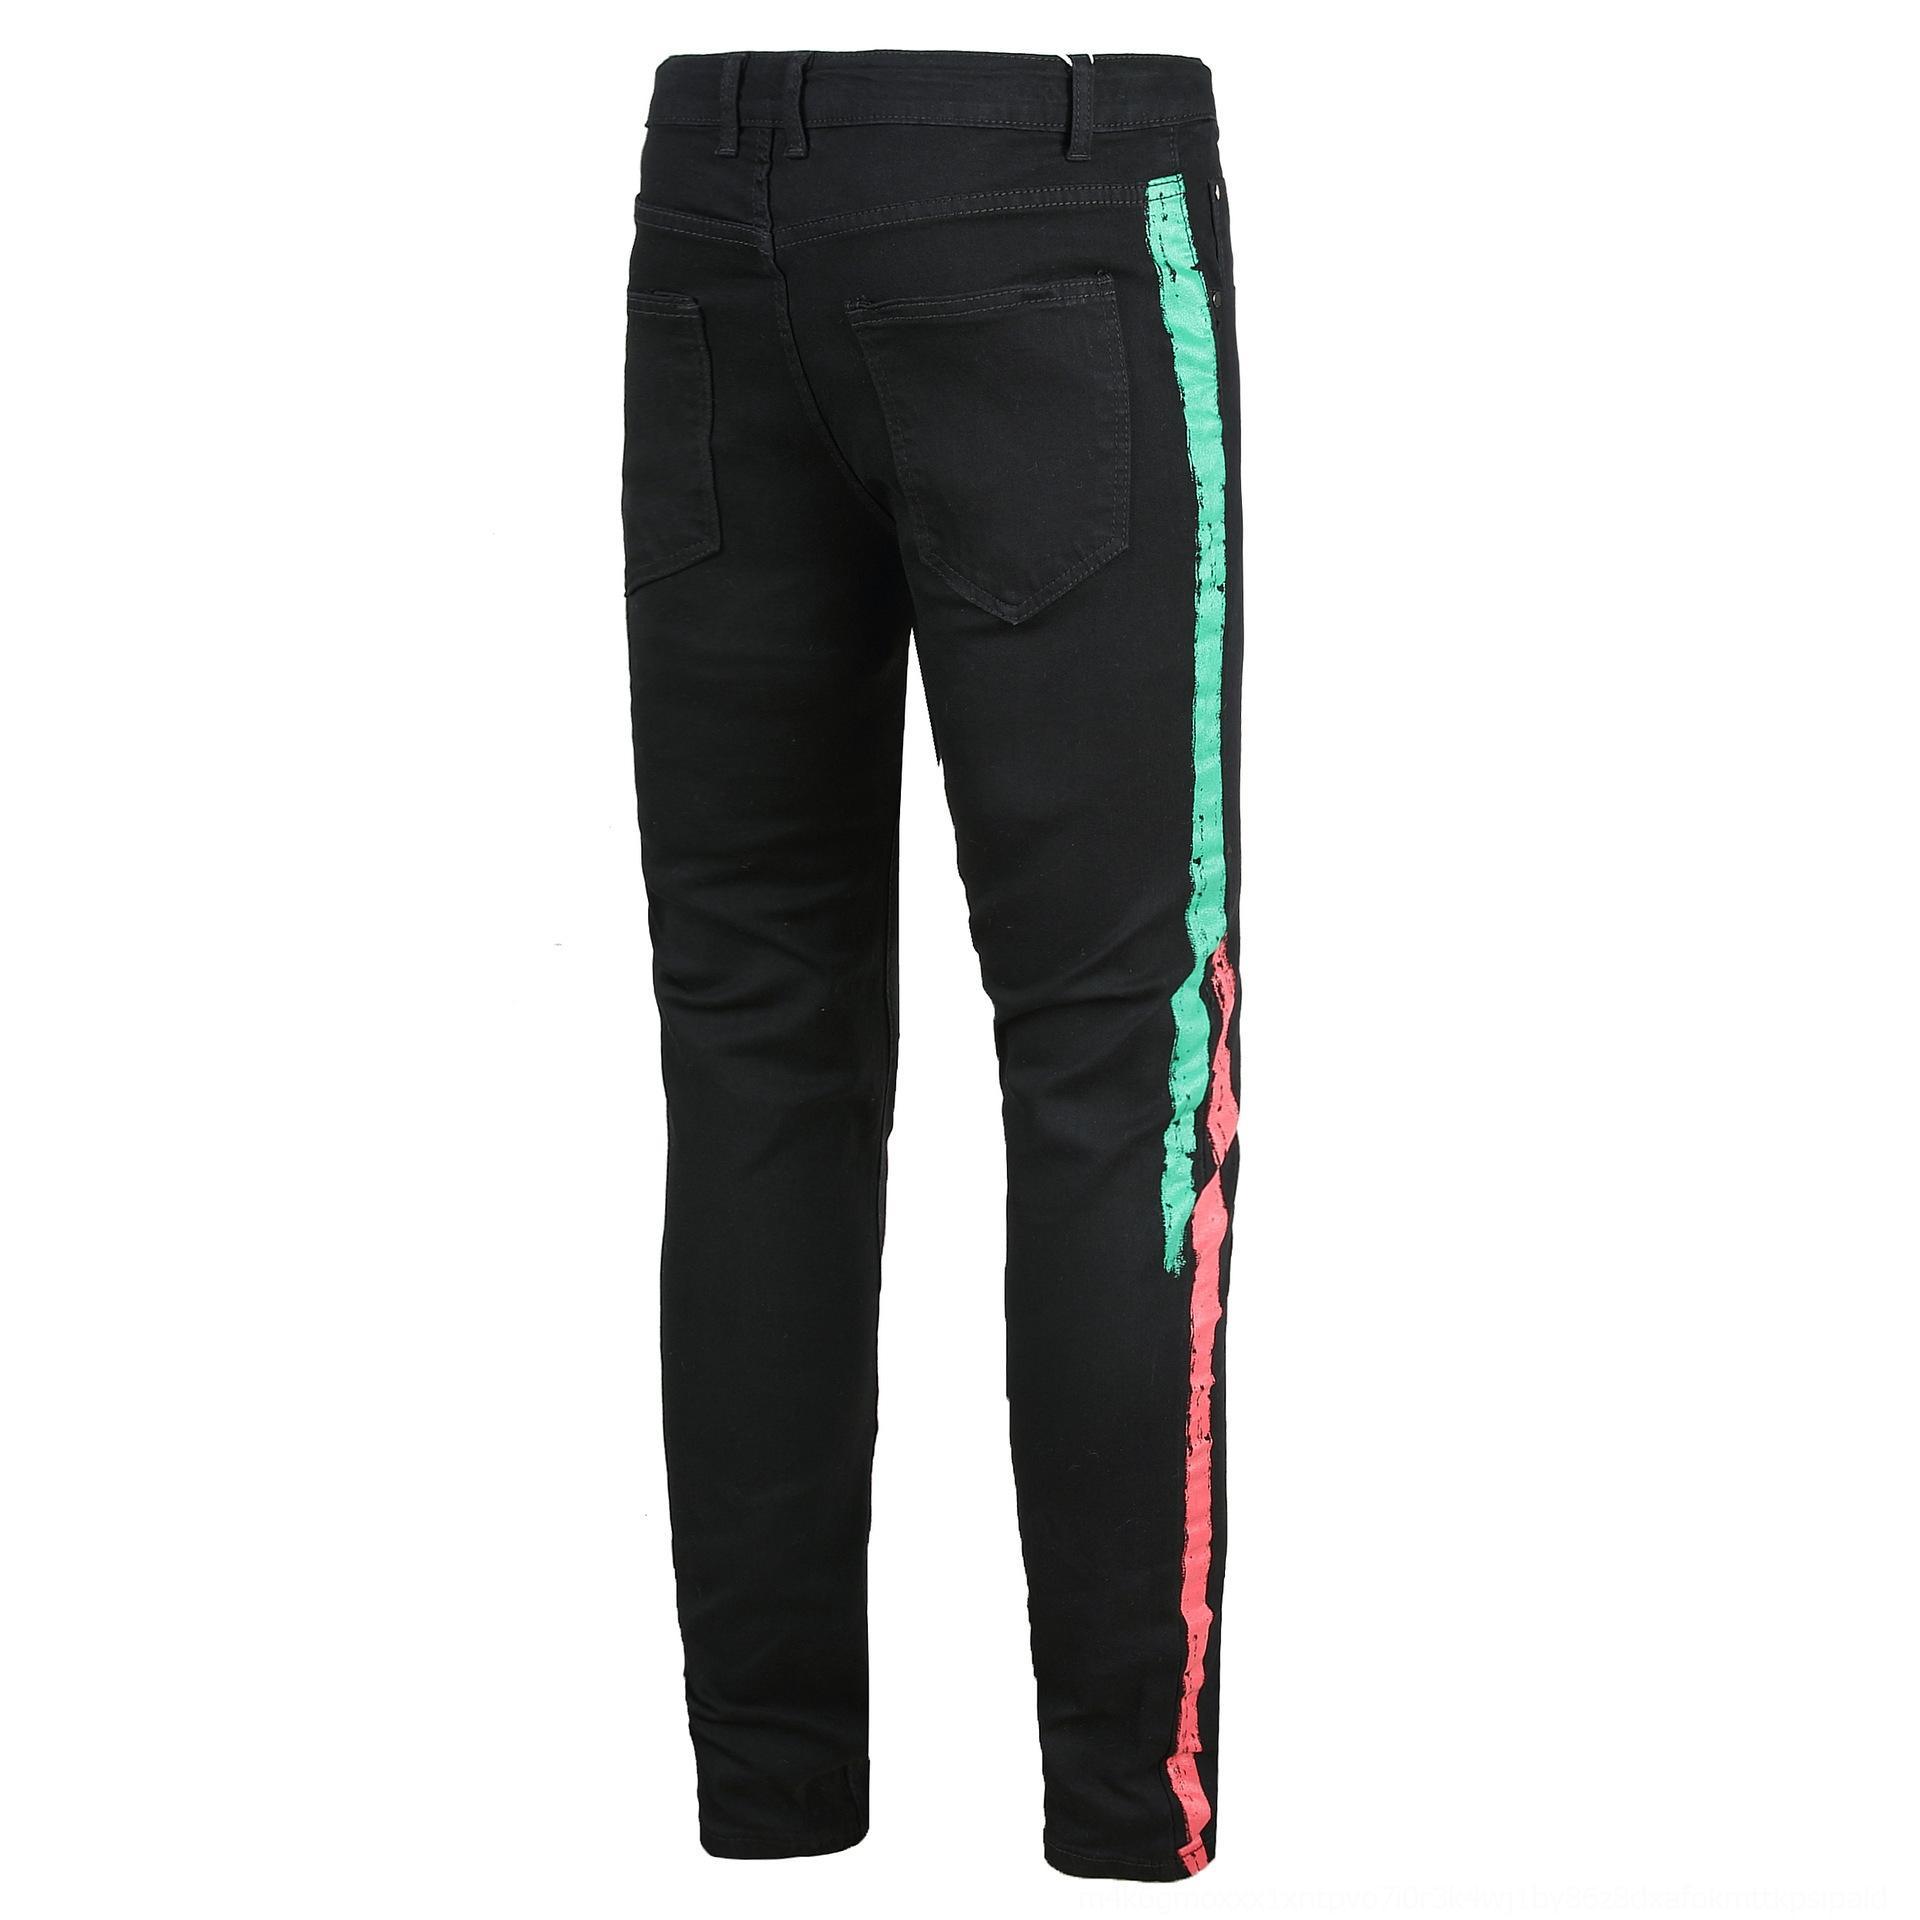 7Ys9G Männer und Hosen und Jeans personalisierte Seite lässig Stretch-Jeans in Mode Herrenhosen gedruckt